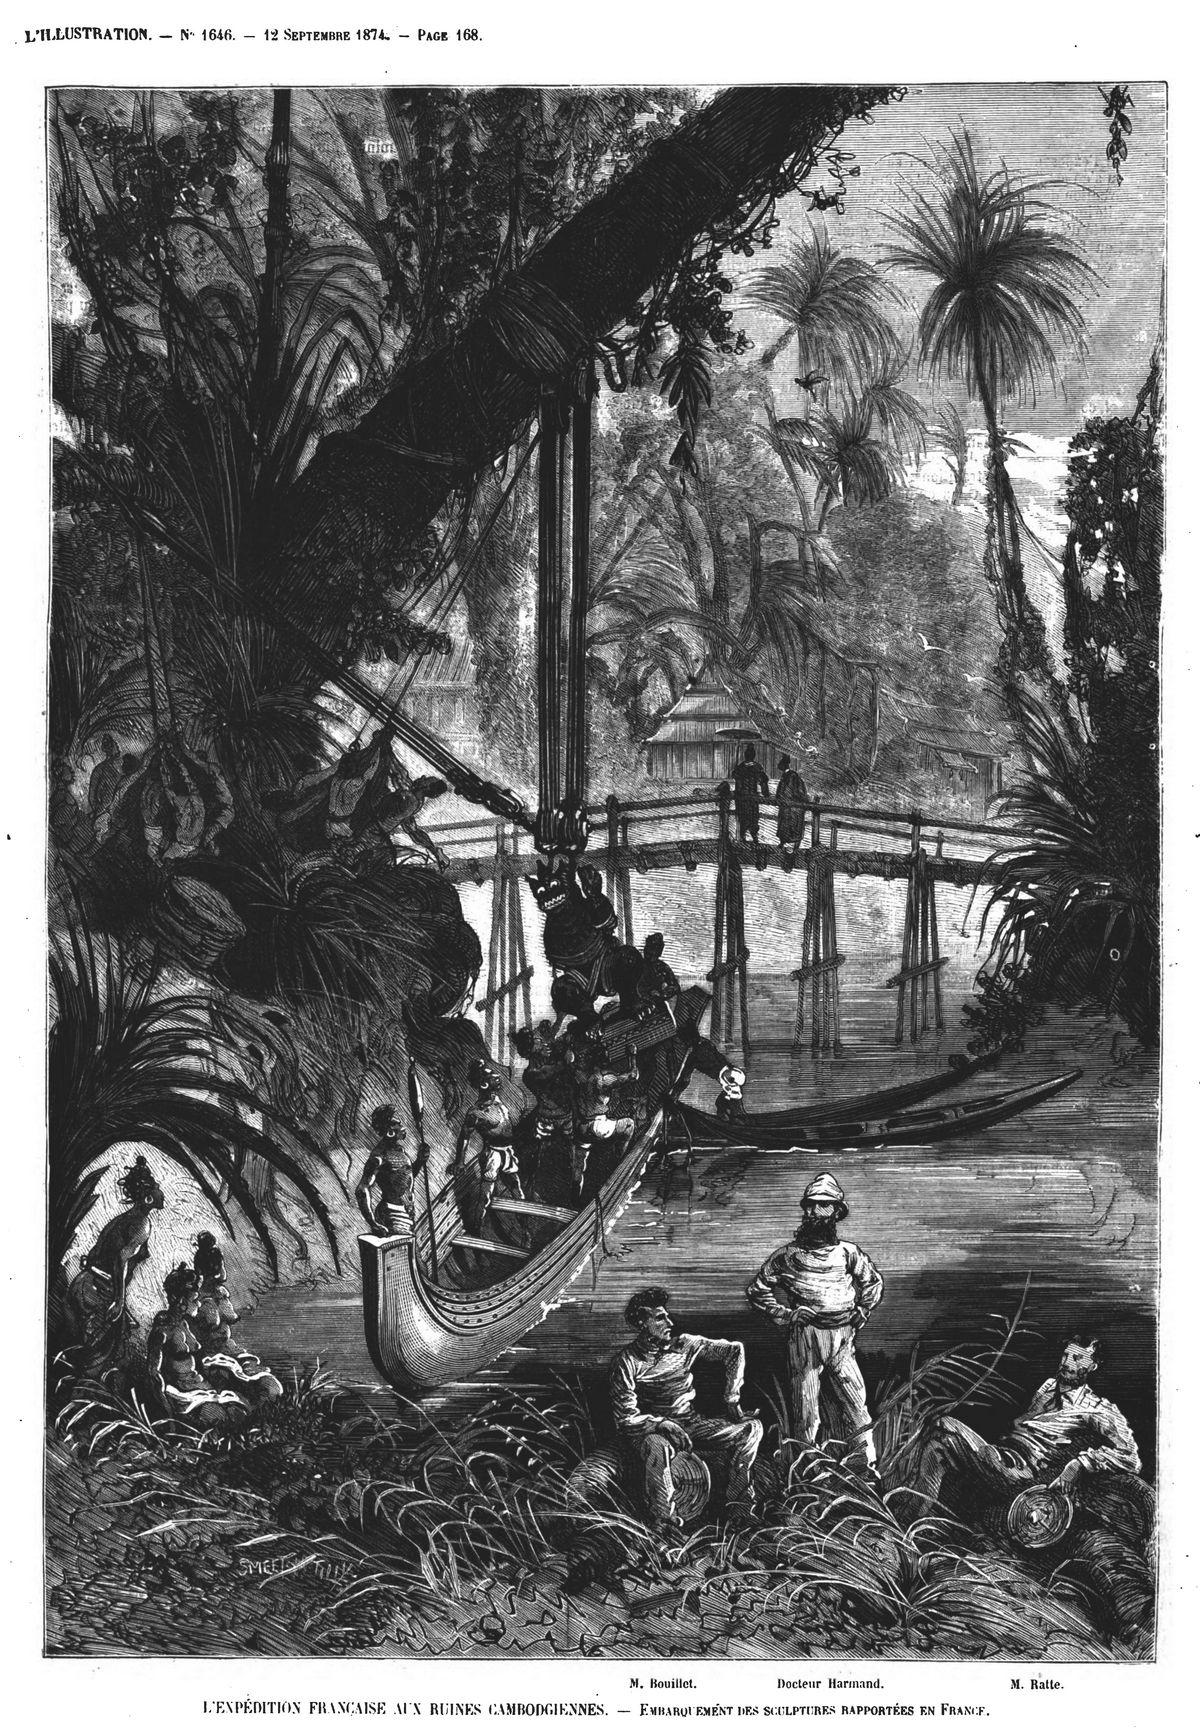 L'expédition française aux ruines cambodgiennes : embarquement des sculptures rapportées en France; Gravures 1874